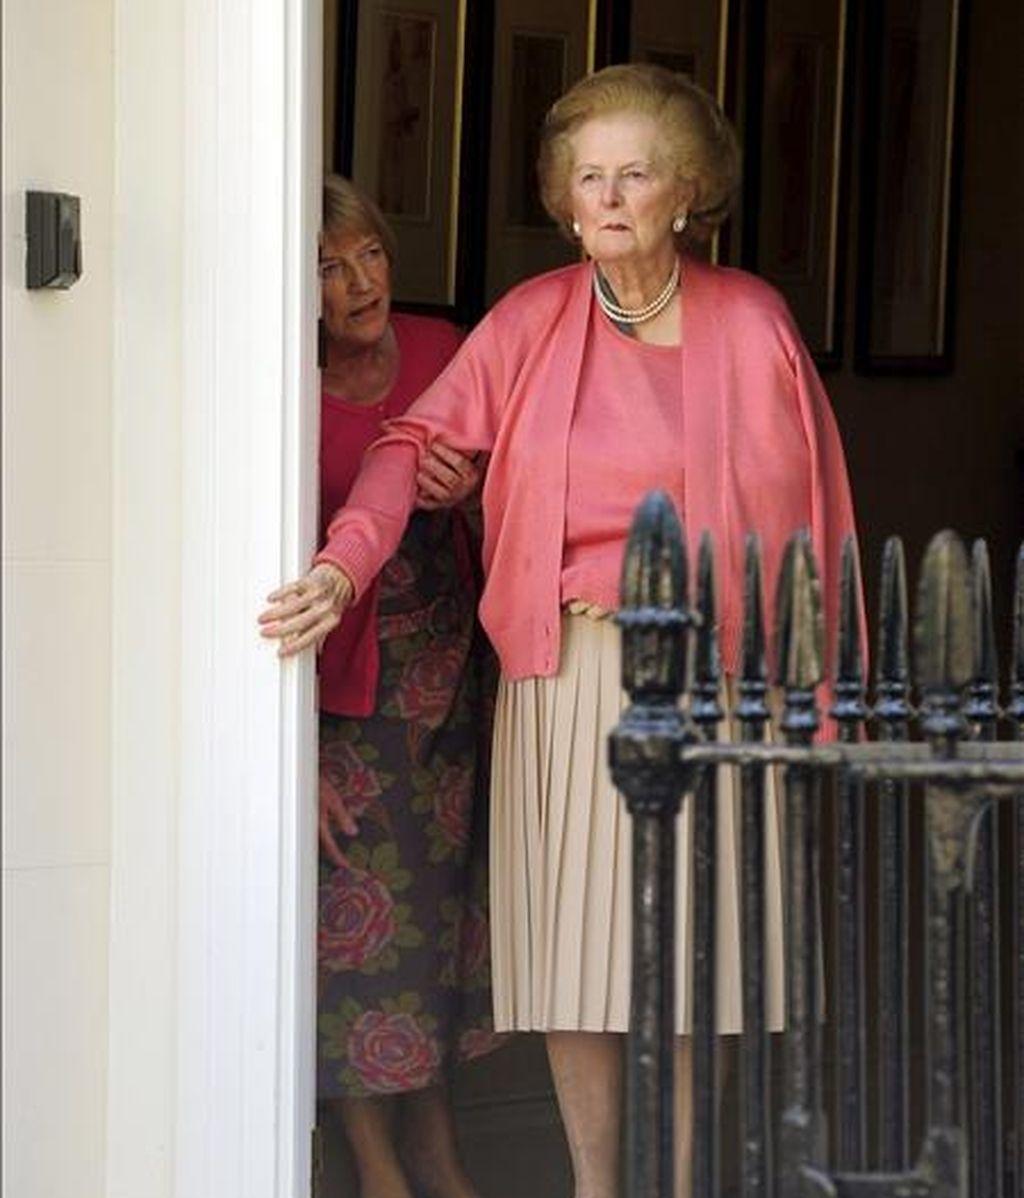 La ex primera ministra británica Margaret Thatcher se apoya en el marco de la puerta de su residencia de Belgravia, en el centro de Londres. Thatcher, de 82 años y con demencia senil, fue ingresada hace dos semanas en un hospital después de partirse su brazo derecho. EFE